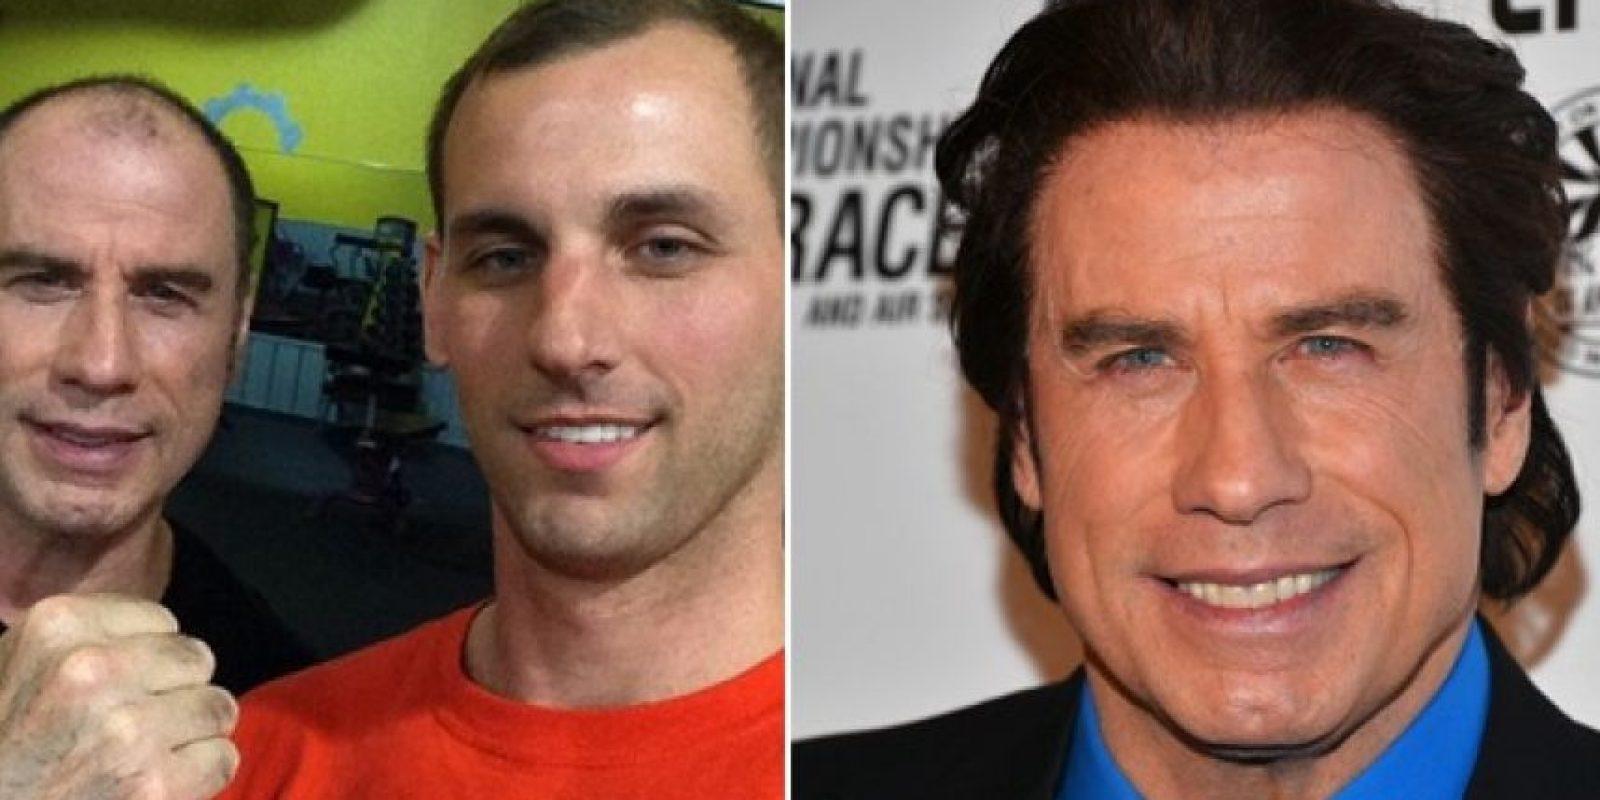 En meses pasados, un usuario de Reddit compartió una fotografía junto a Travolta, cuando ambos se encontraron solos en un gimnasio, a las tres de la madrugada. Foto:Imgur/Getty Images